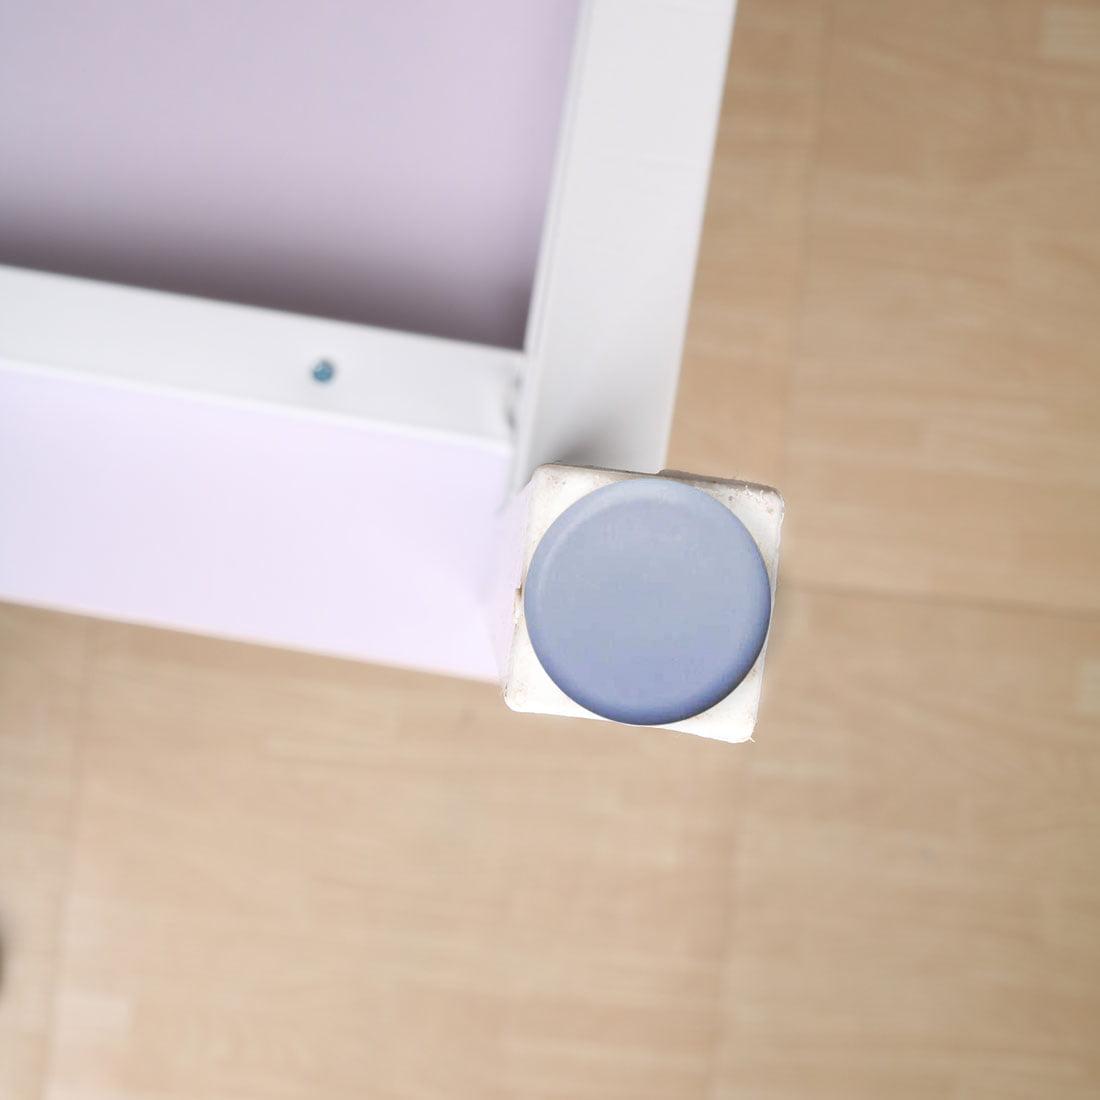 [object Object] - image 3 de 4